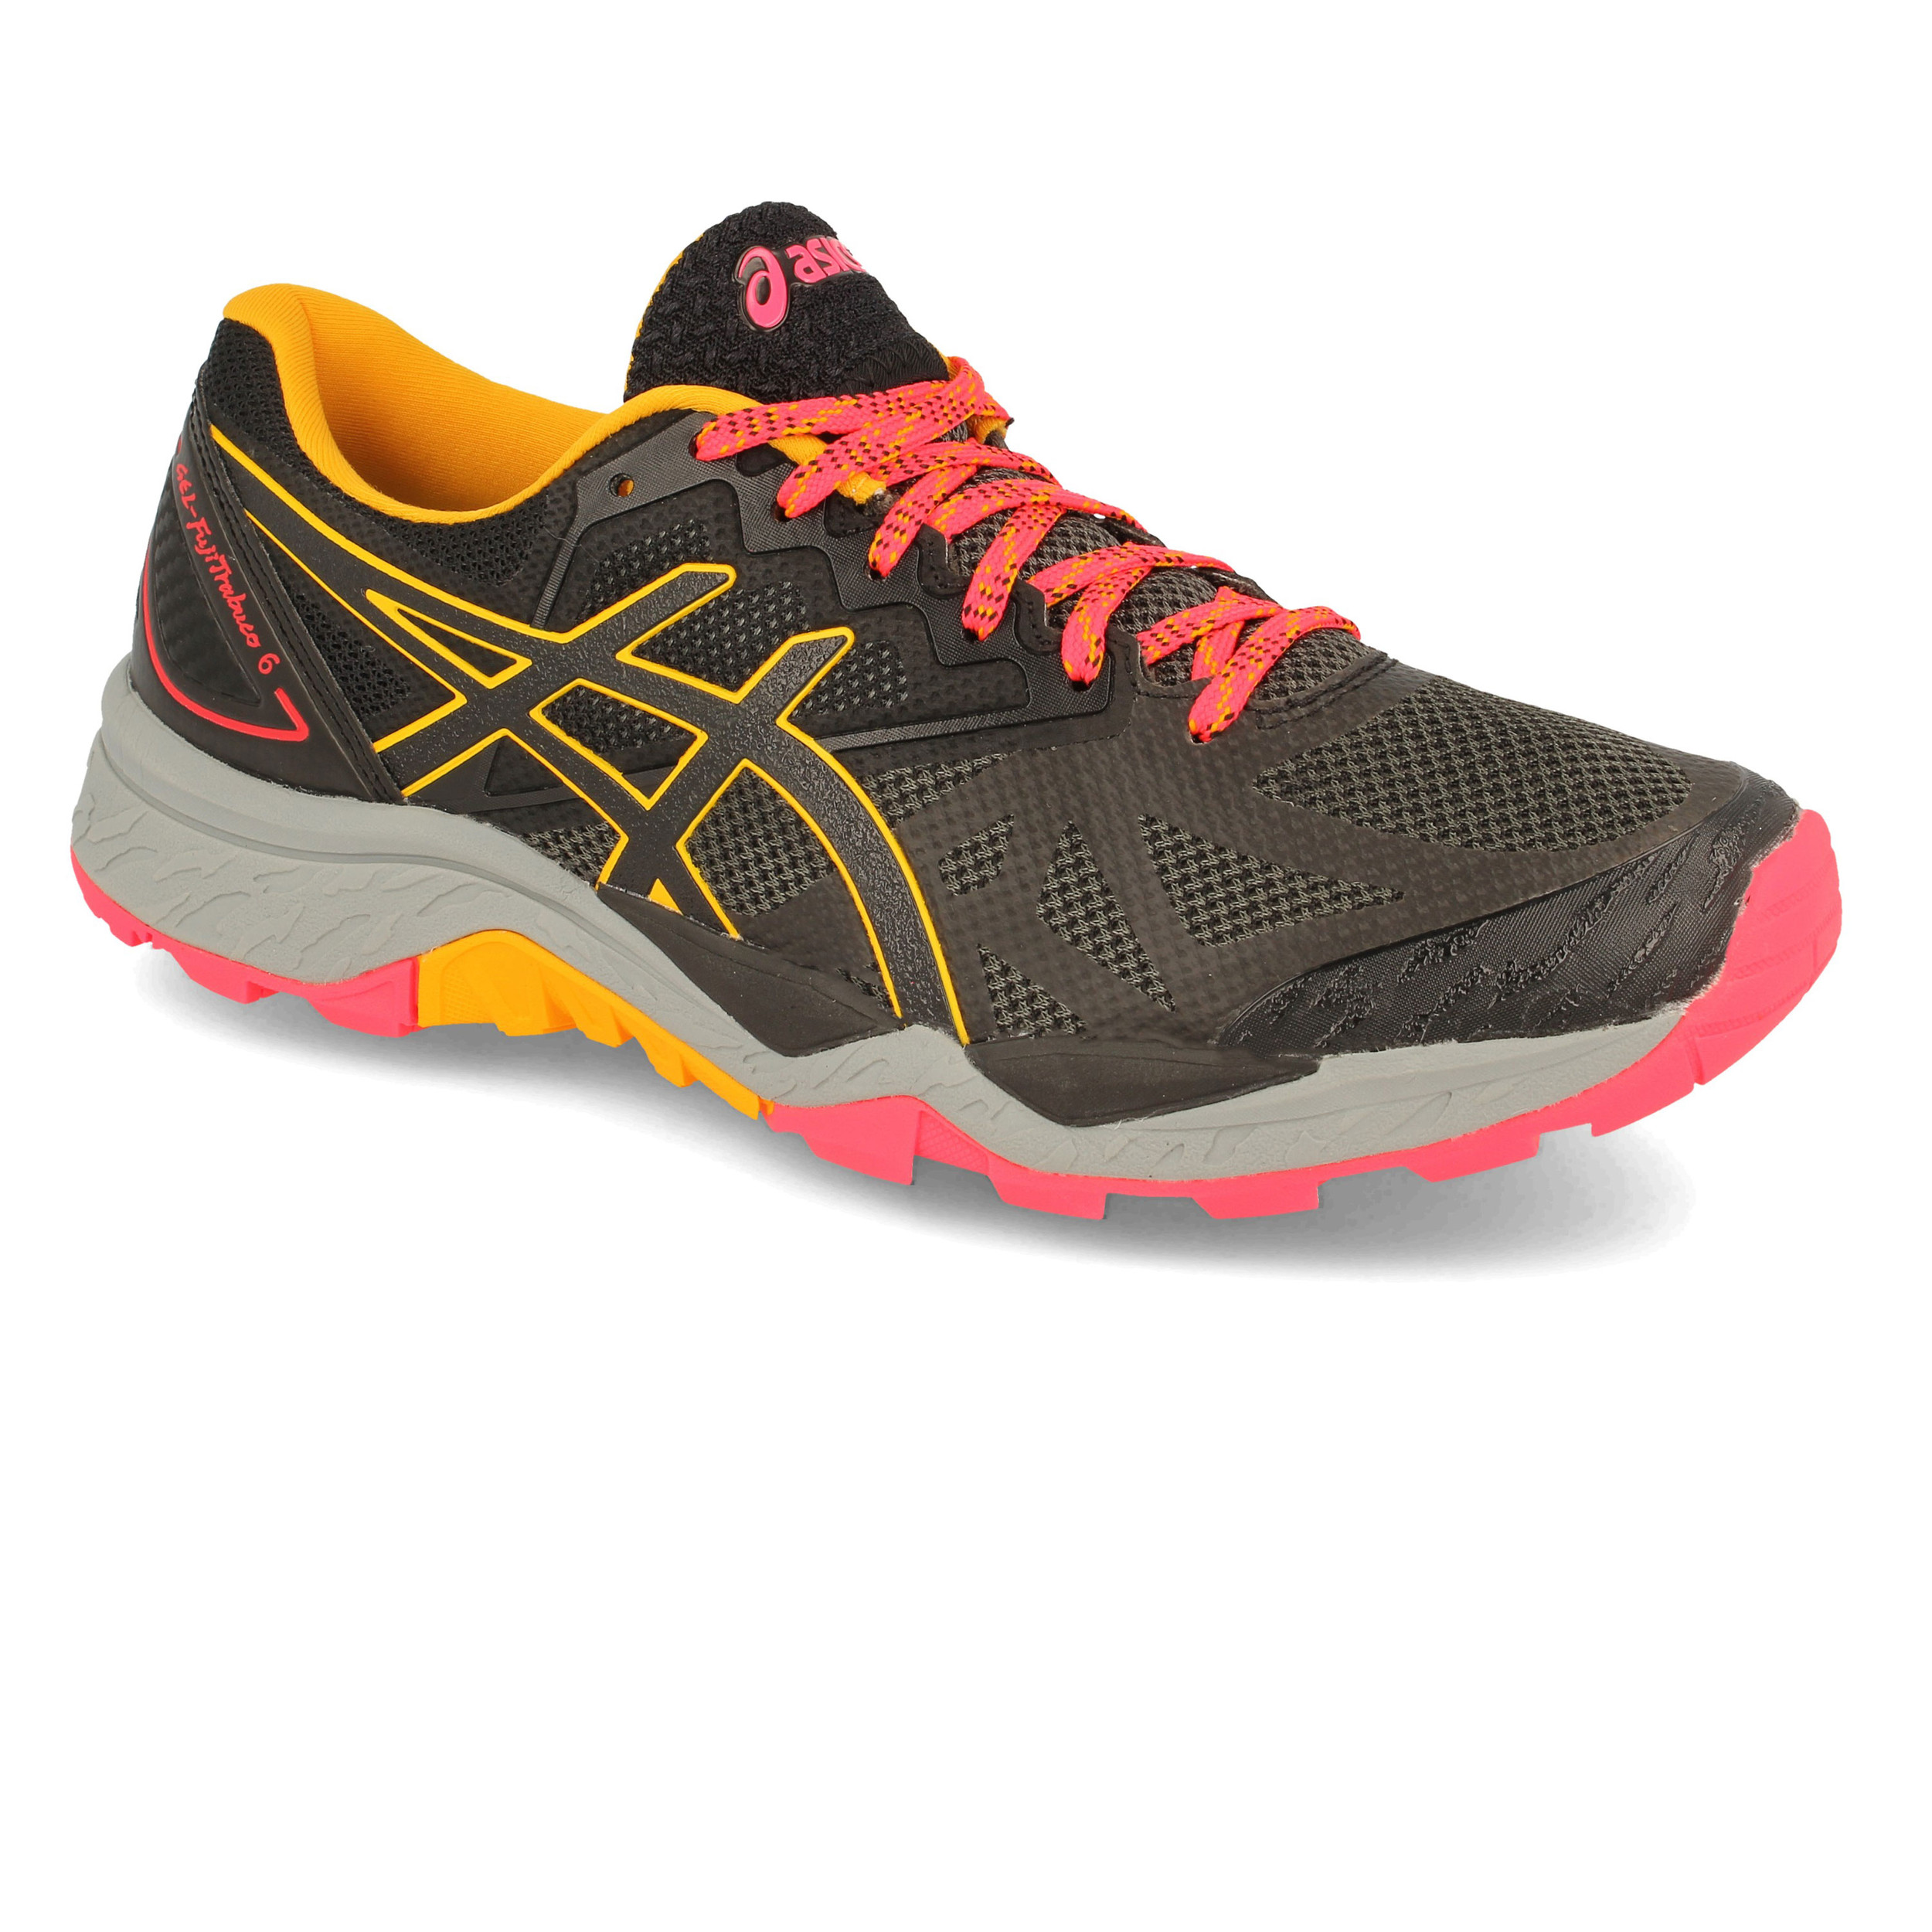 59a20471263 Asics Mujer Gel-fujitrabuco 6 Sendero Correr Zapatos Zapatillas Negro  Running